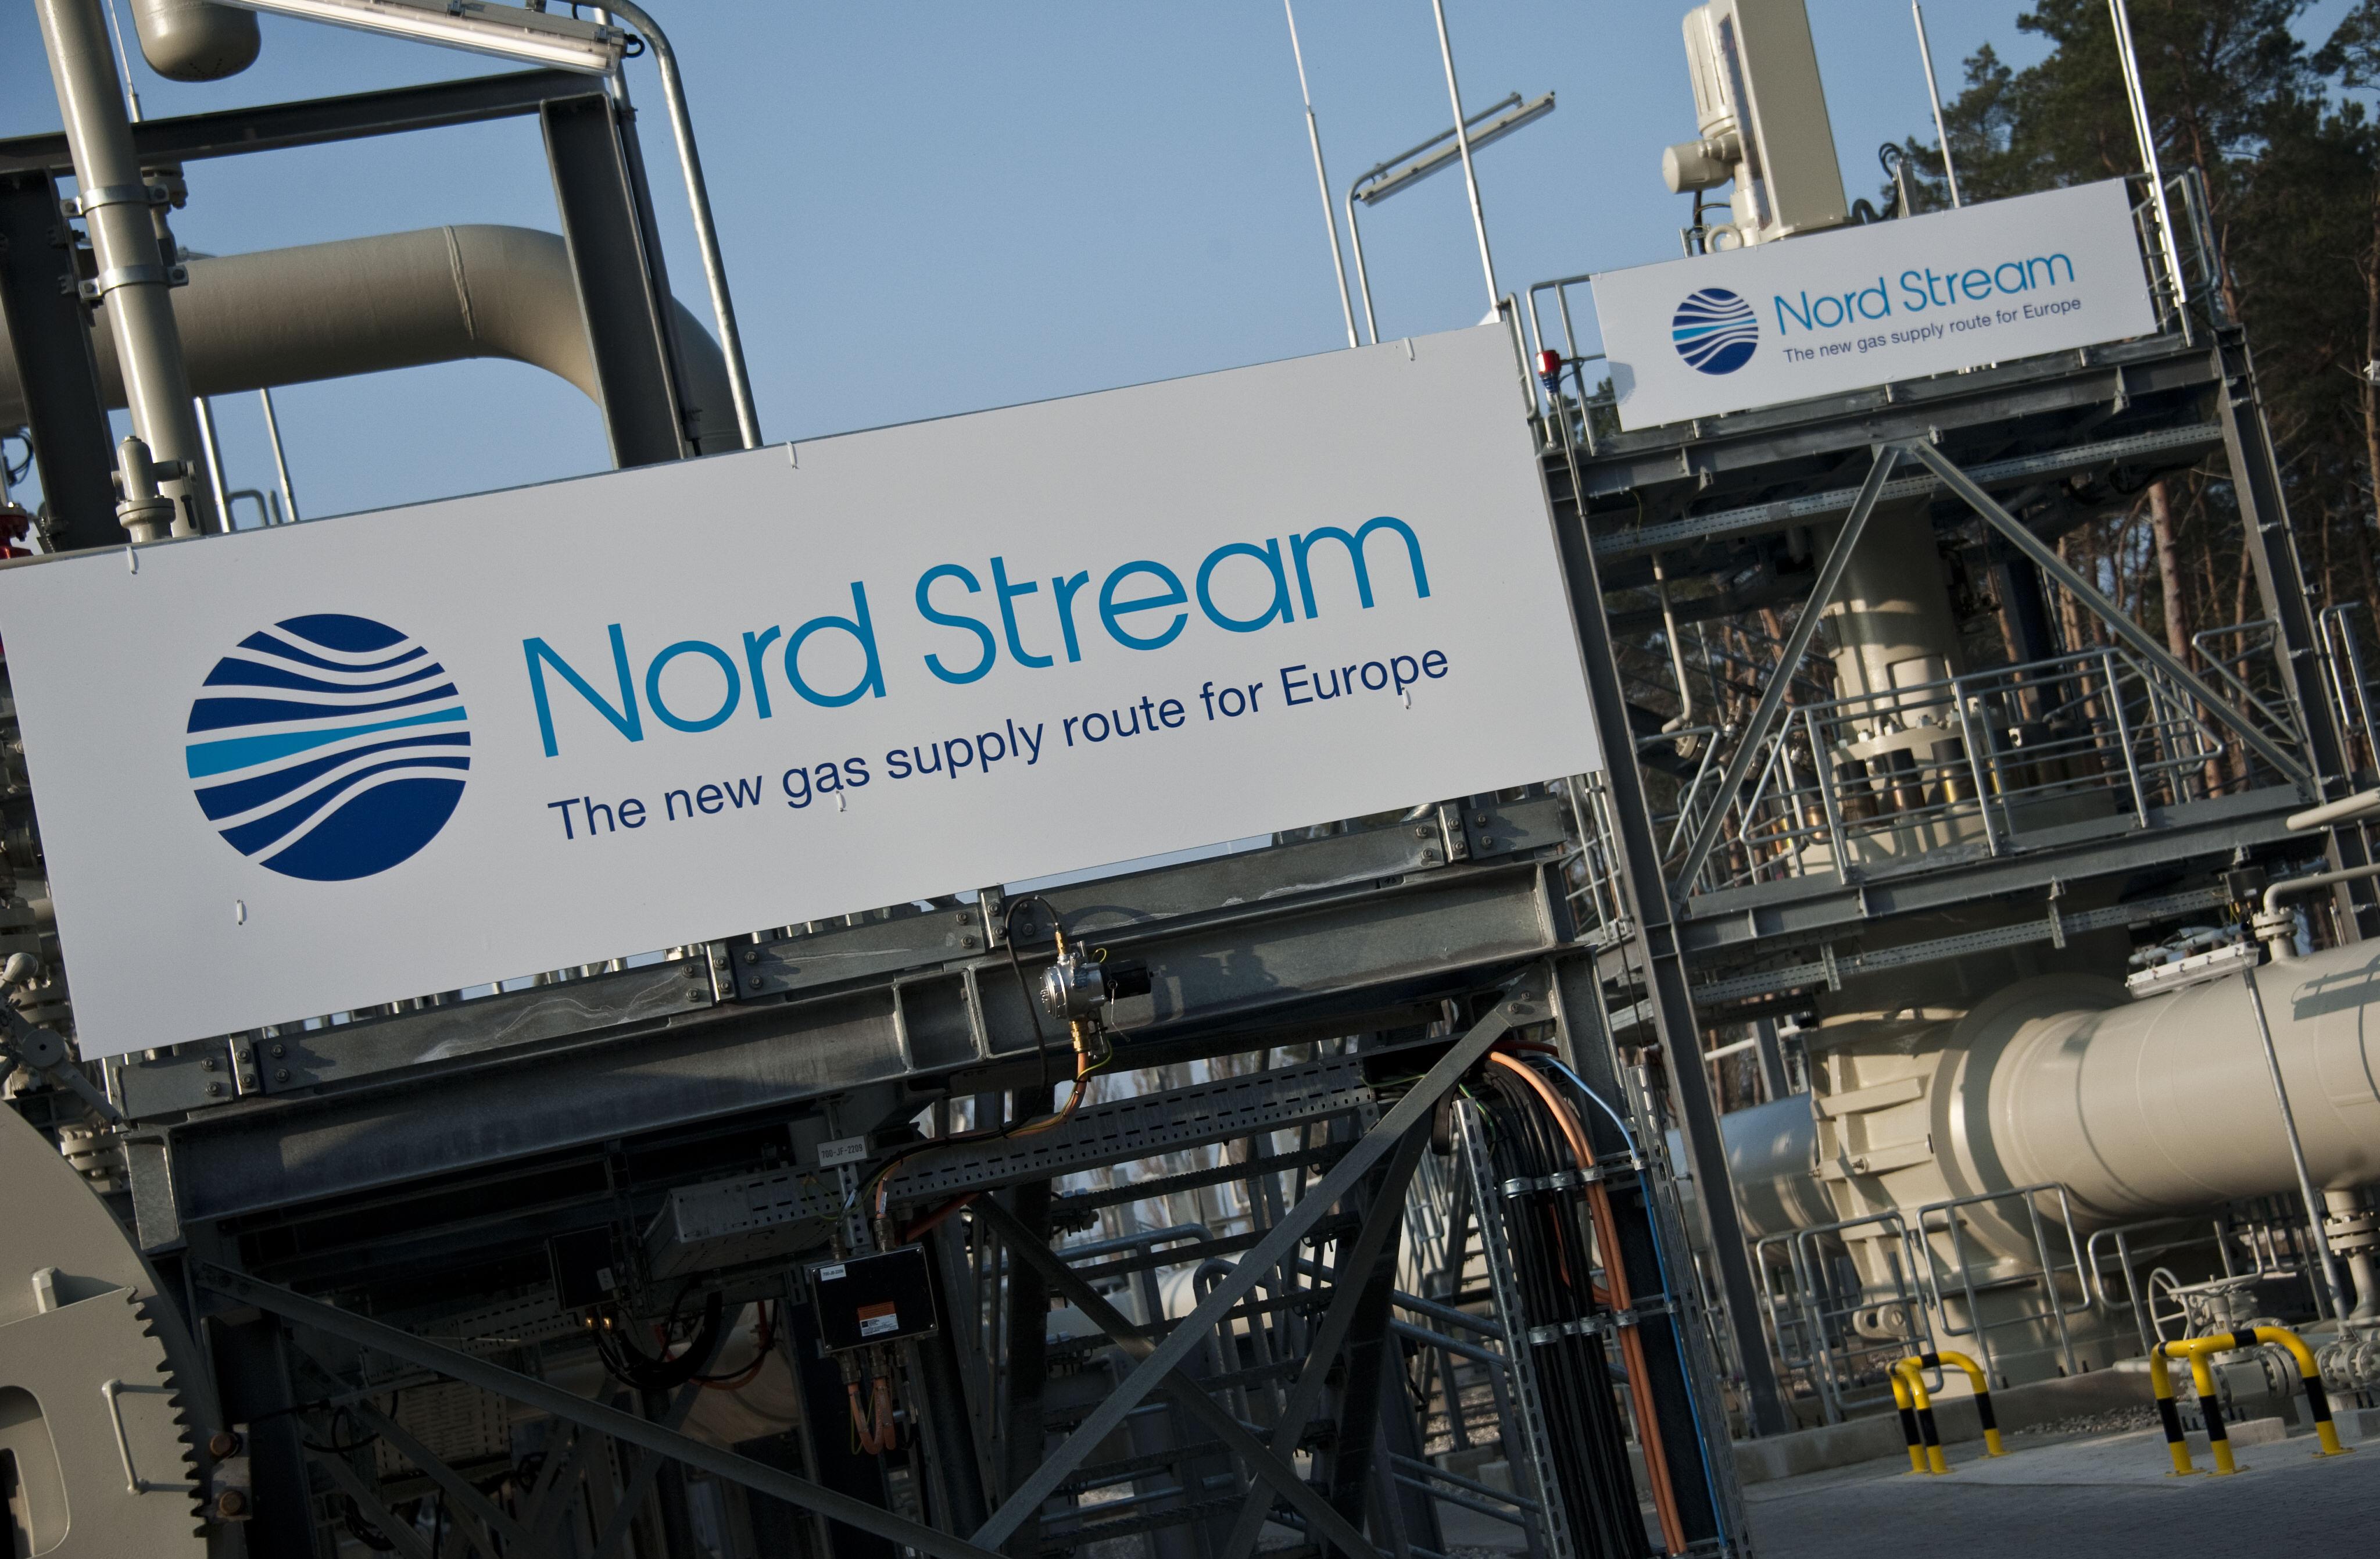 Image for Анна Булах на Радио 4: Строительство «Северного потока — 2» под вопросом